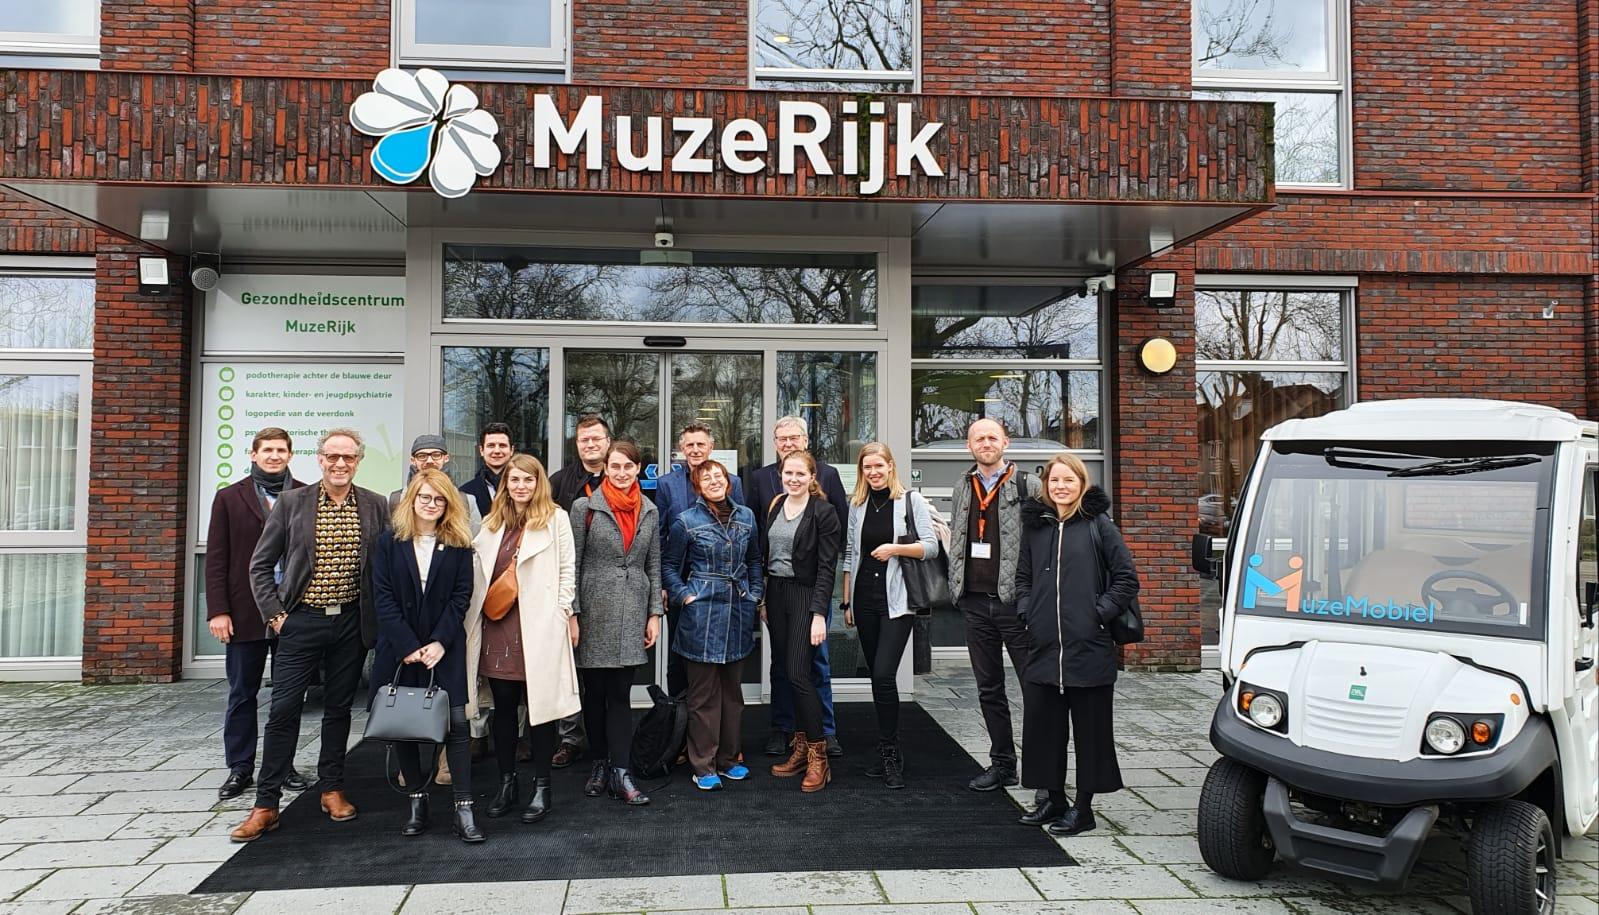 Wszyscy uczestnicy wizyty - międzynarodowy (Polska, Czechy, Słowacja, Węgry) zespół działaczy społecznych - przed MuzeRijk - holenderskim centrum społecznym.